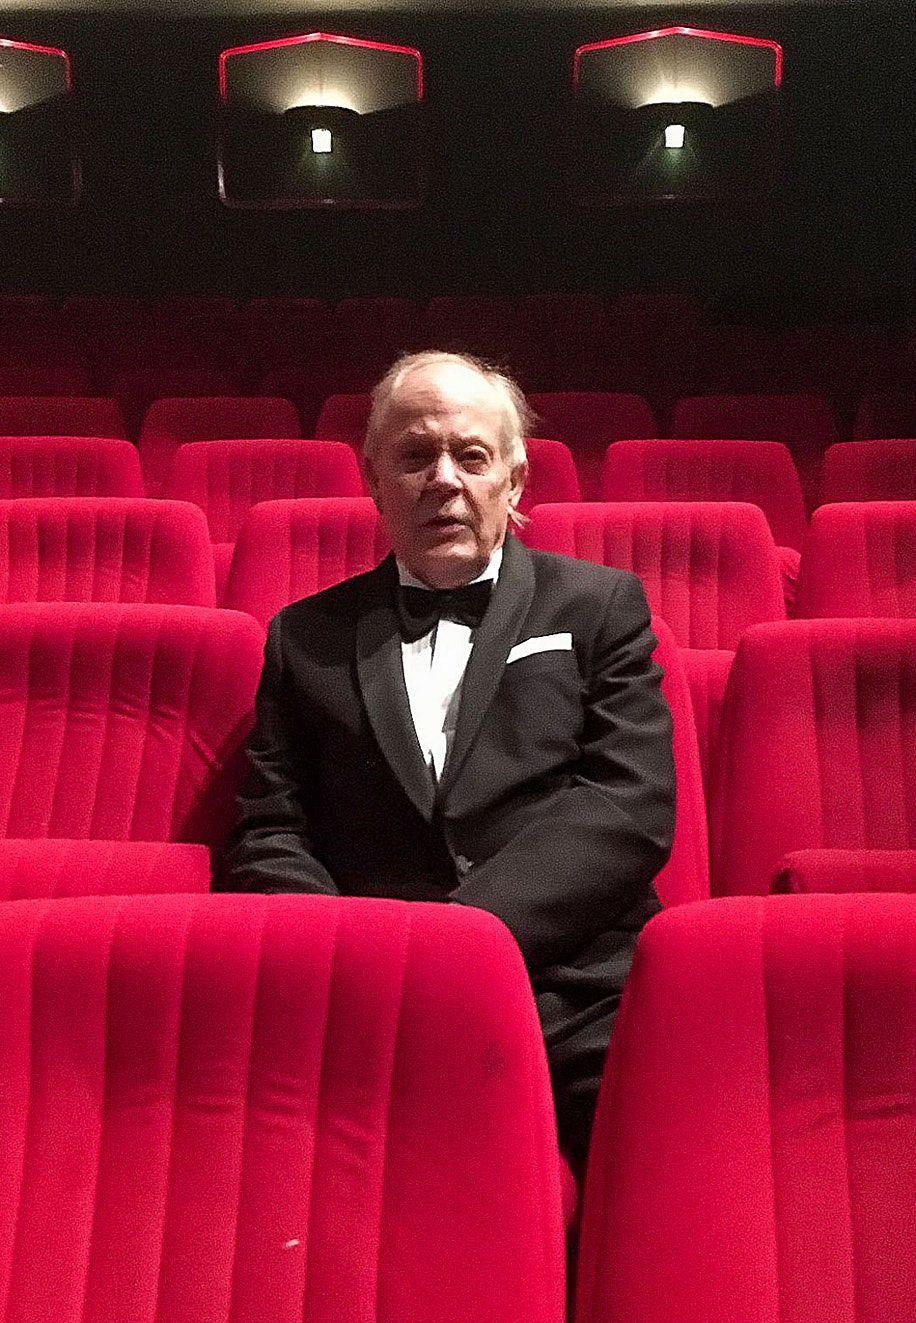 Kun koronapandemia pysäytti Ruotsin ja muun maailman, 82-vuotias ruotsalainen elokuvakriitikko ja kirjailija Stig Björkman eristäytyi pieneen kaksioonsa Tukholman keskustassa ja alkoi tavata etänä tuttujaan. Siitä syntyi dokumenttielokuva.